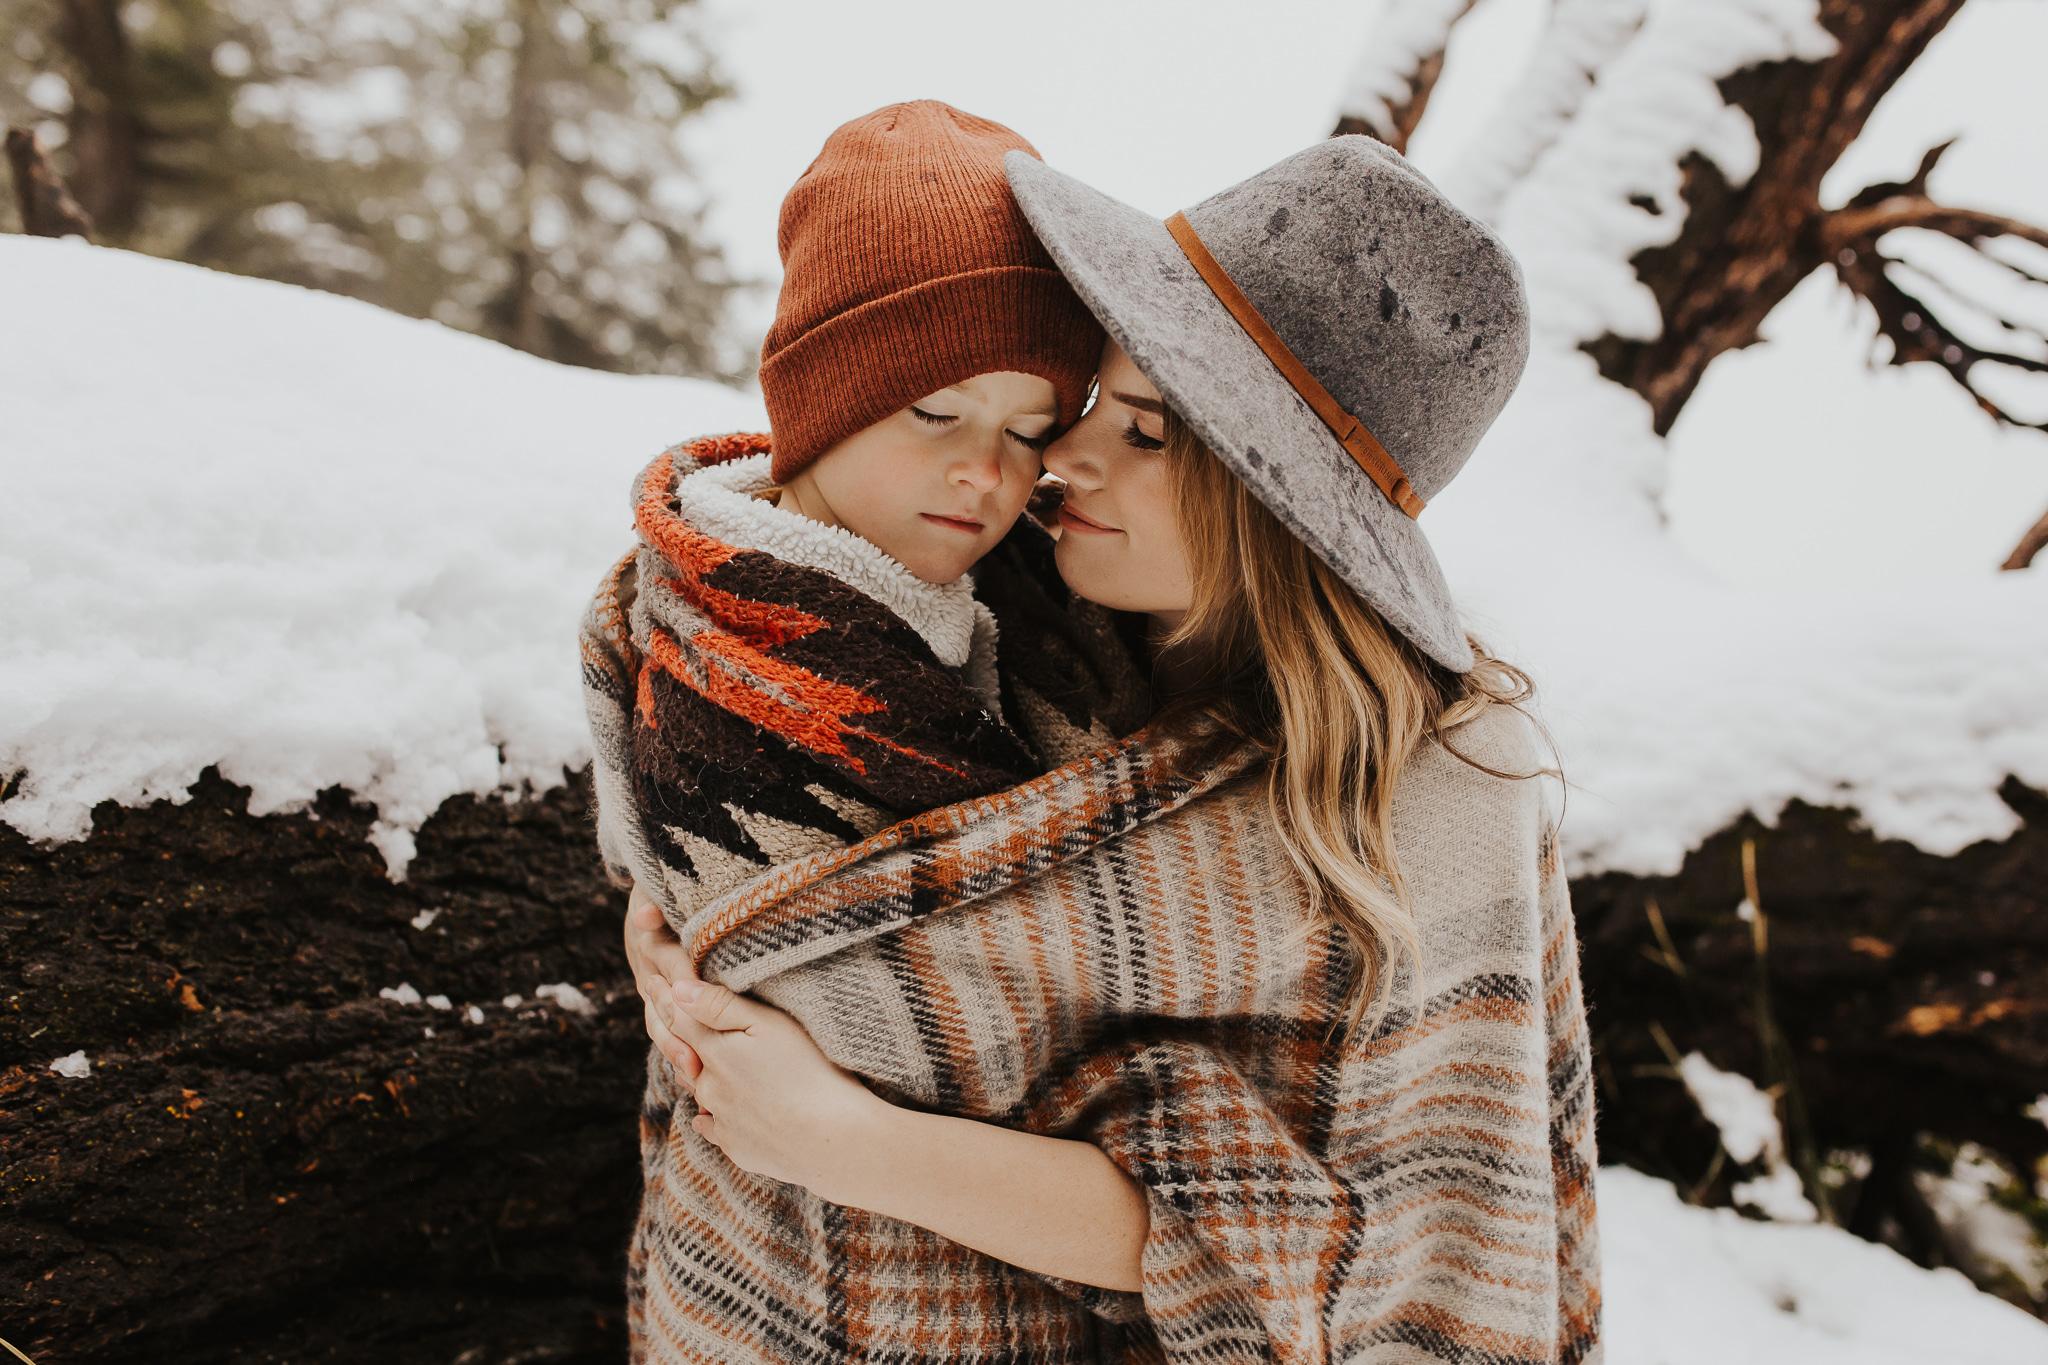 Alina-Joy-Photography-Cold-Lake-Lifestyle-Photographer-270.jpg